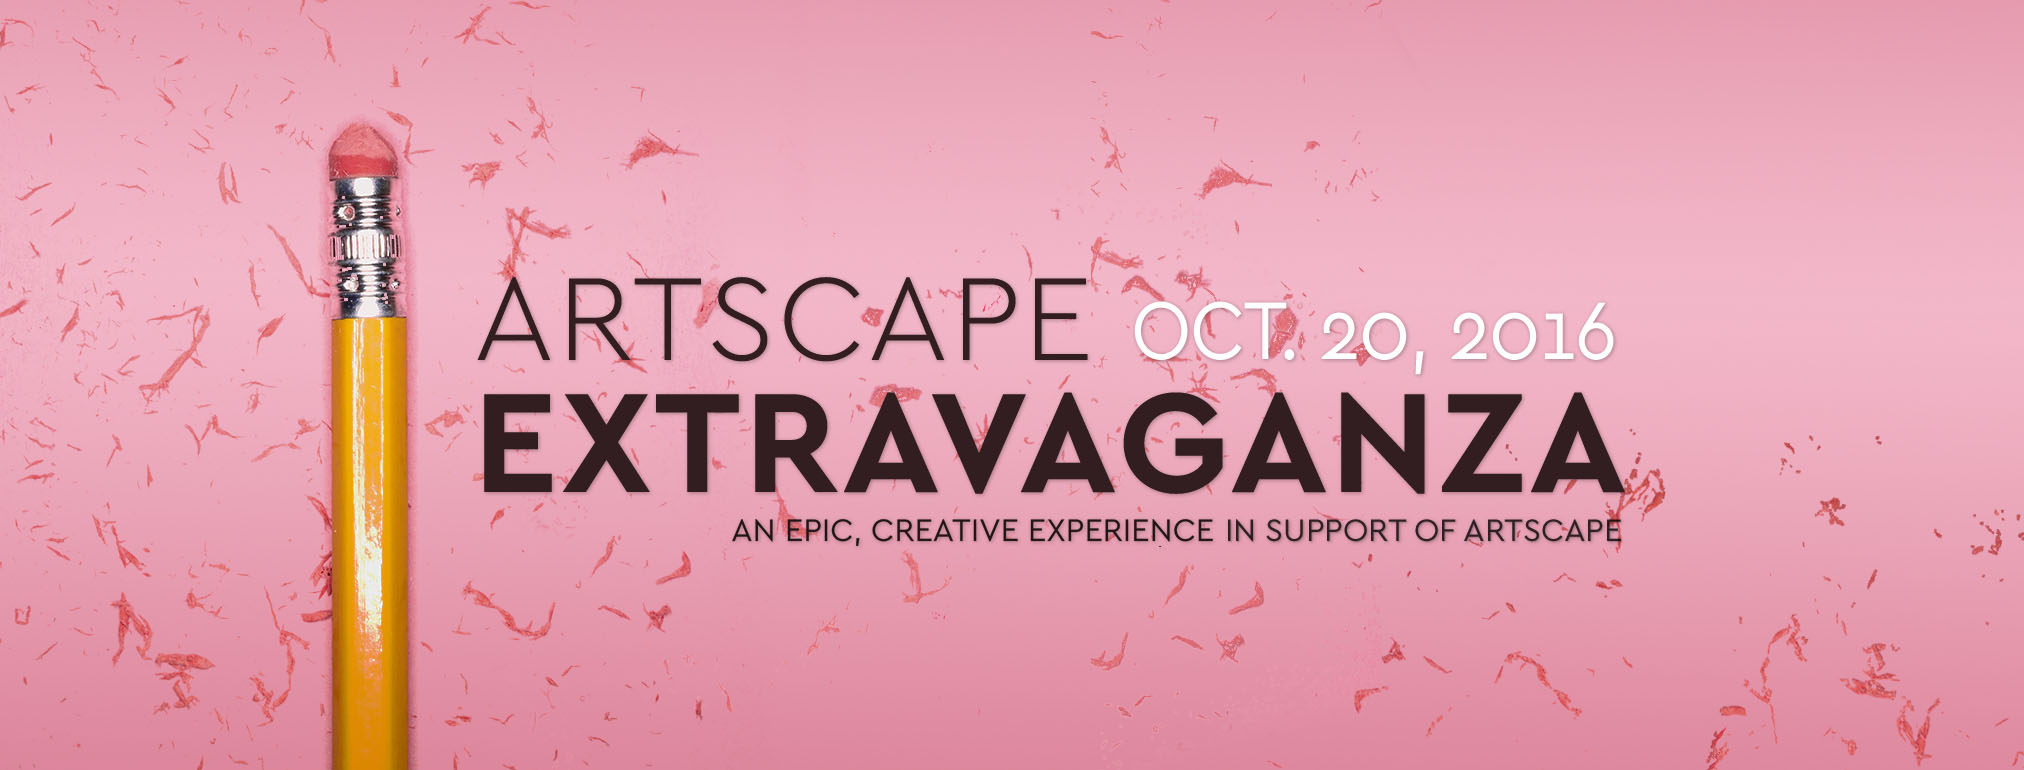 Artscape Extravaganza